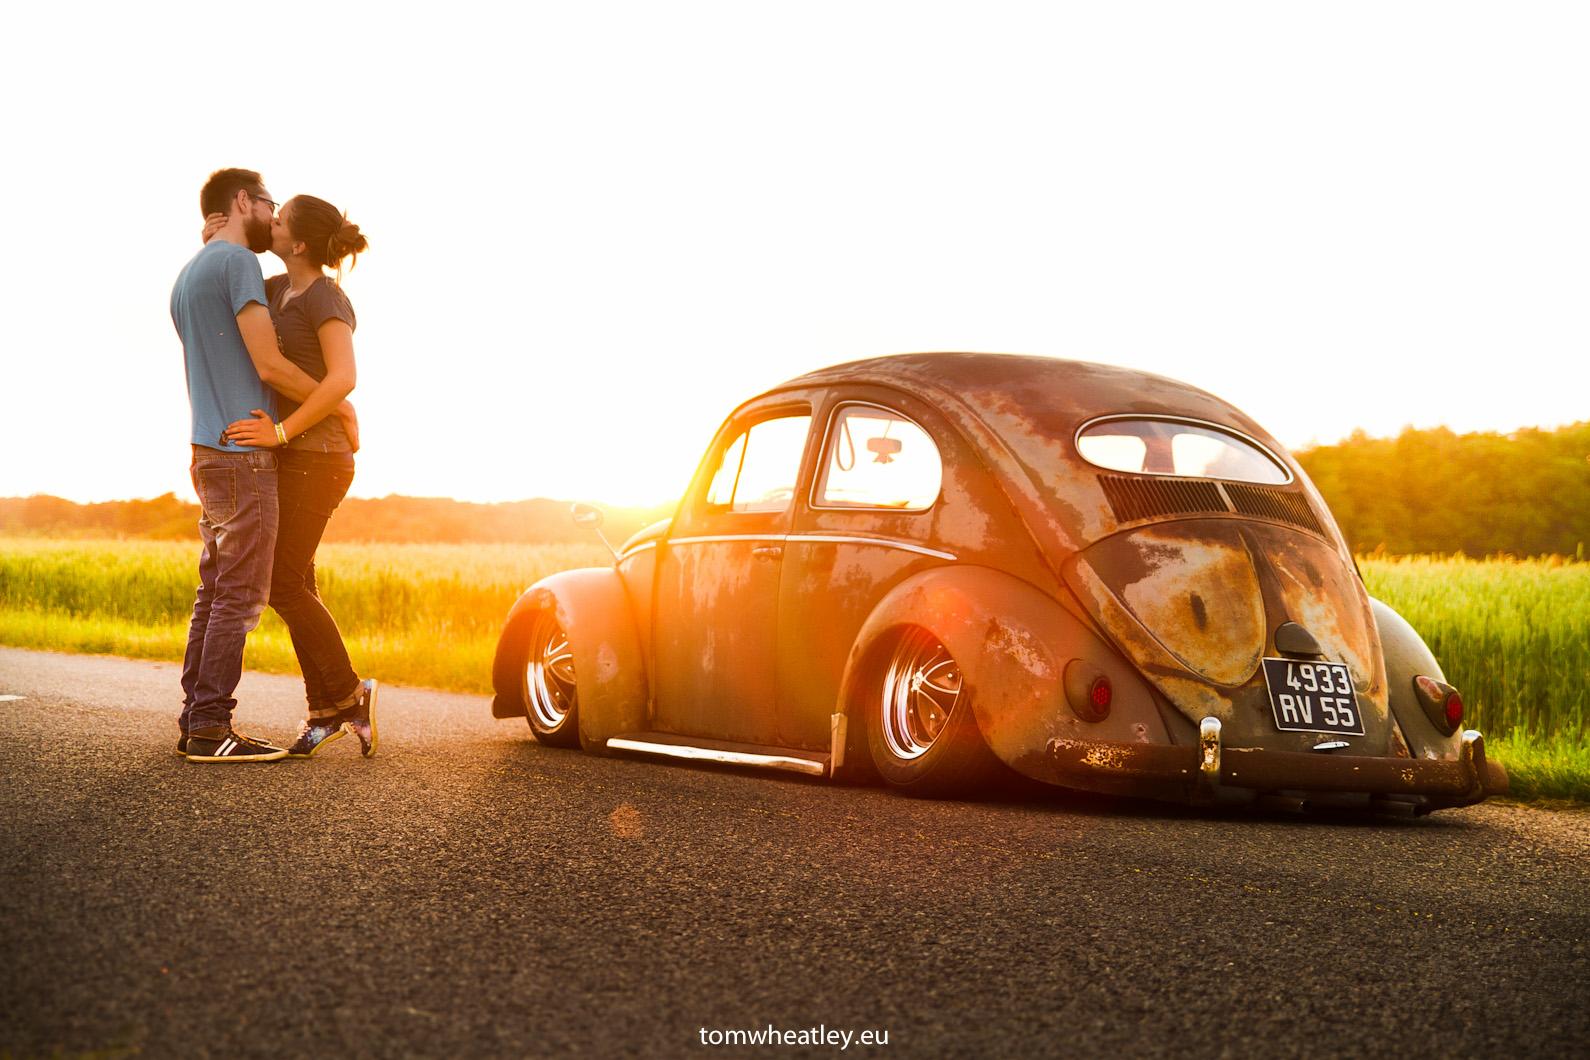 wallpaper sunset evening volkswagen beetle canon bug vintage car stance air low. Black Bedroom Furniture Sets. Home Design Ideas